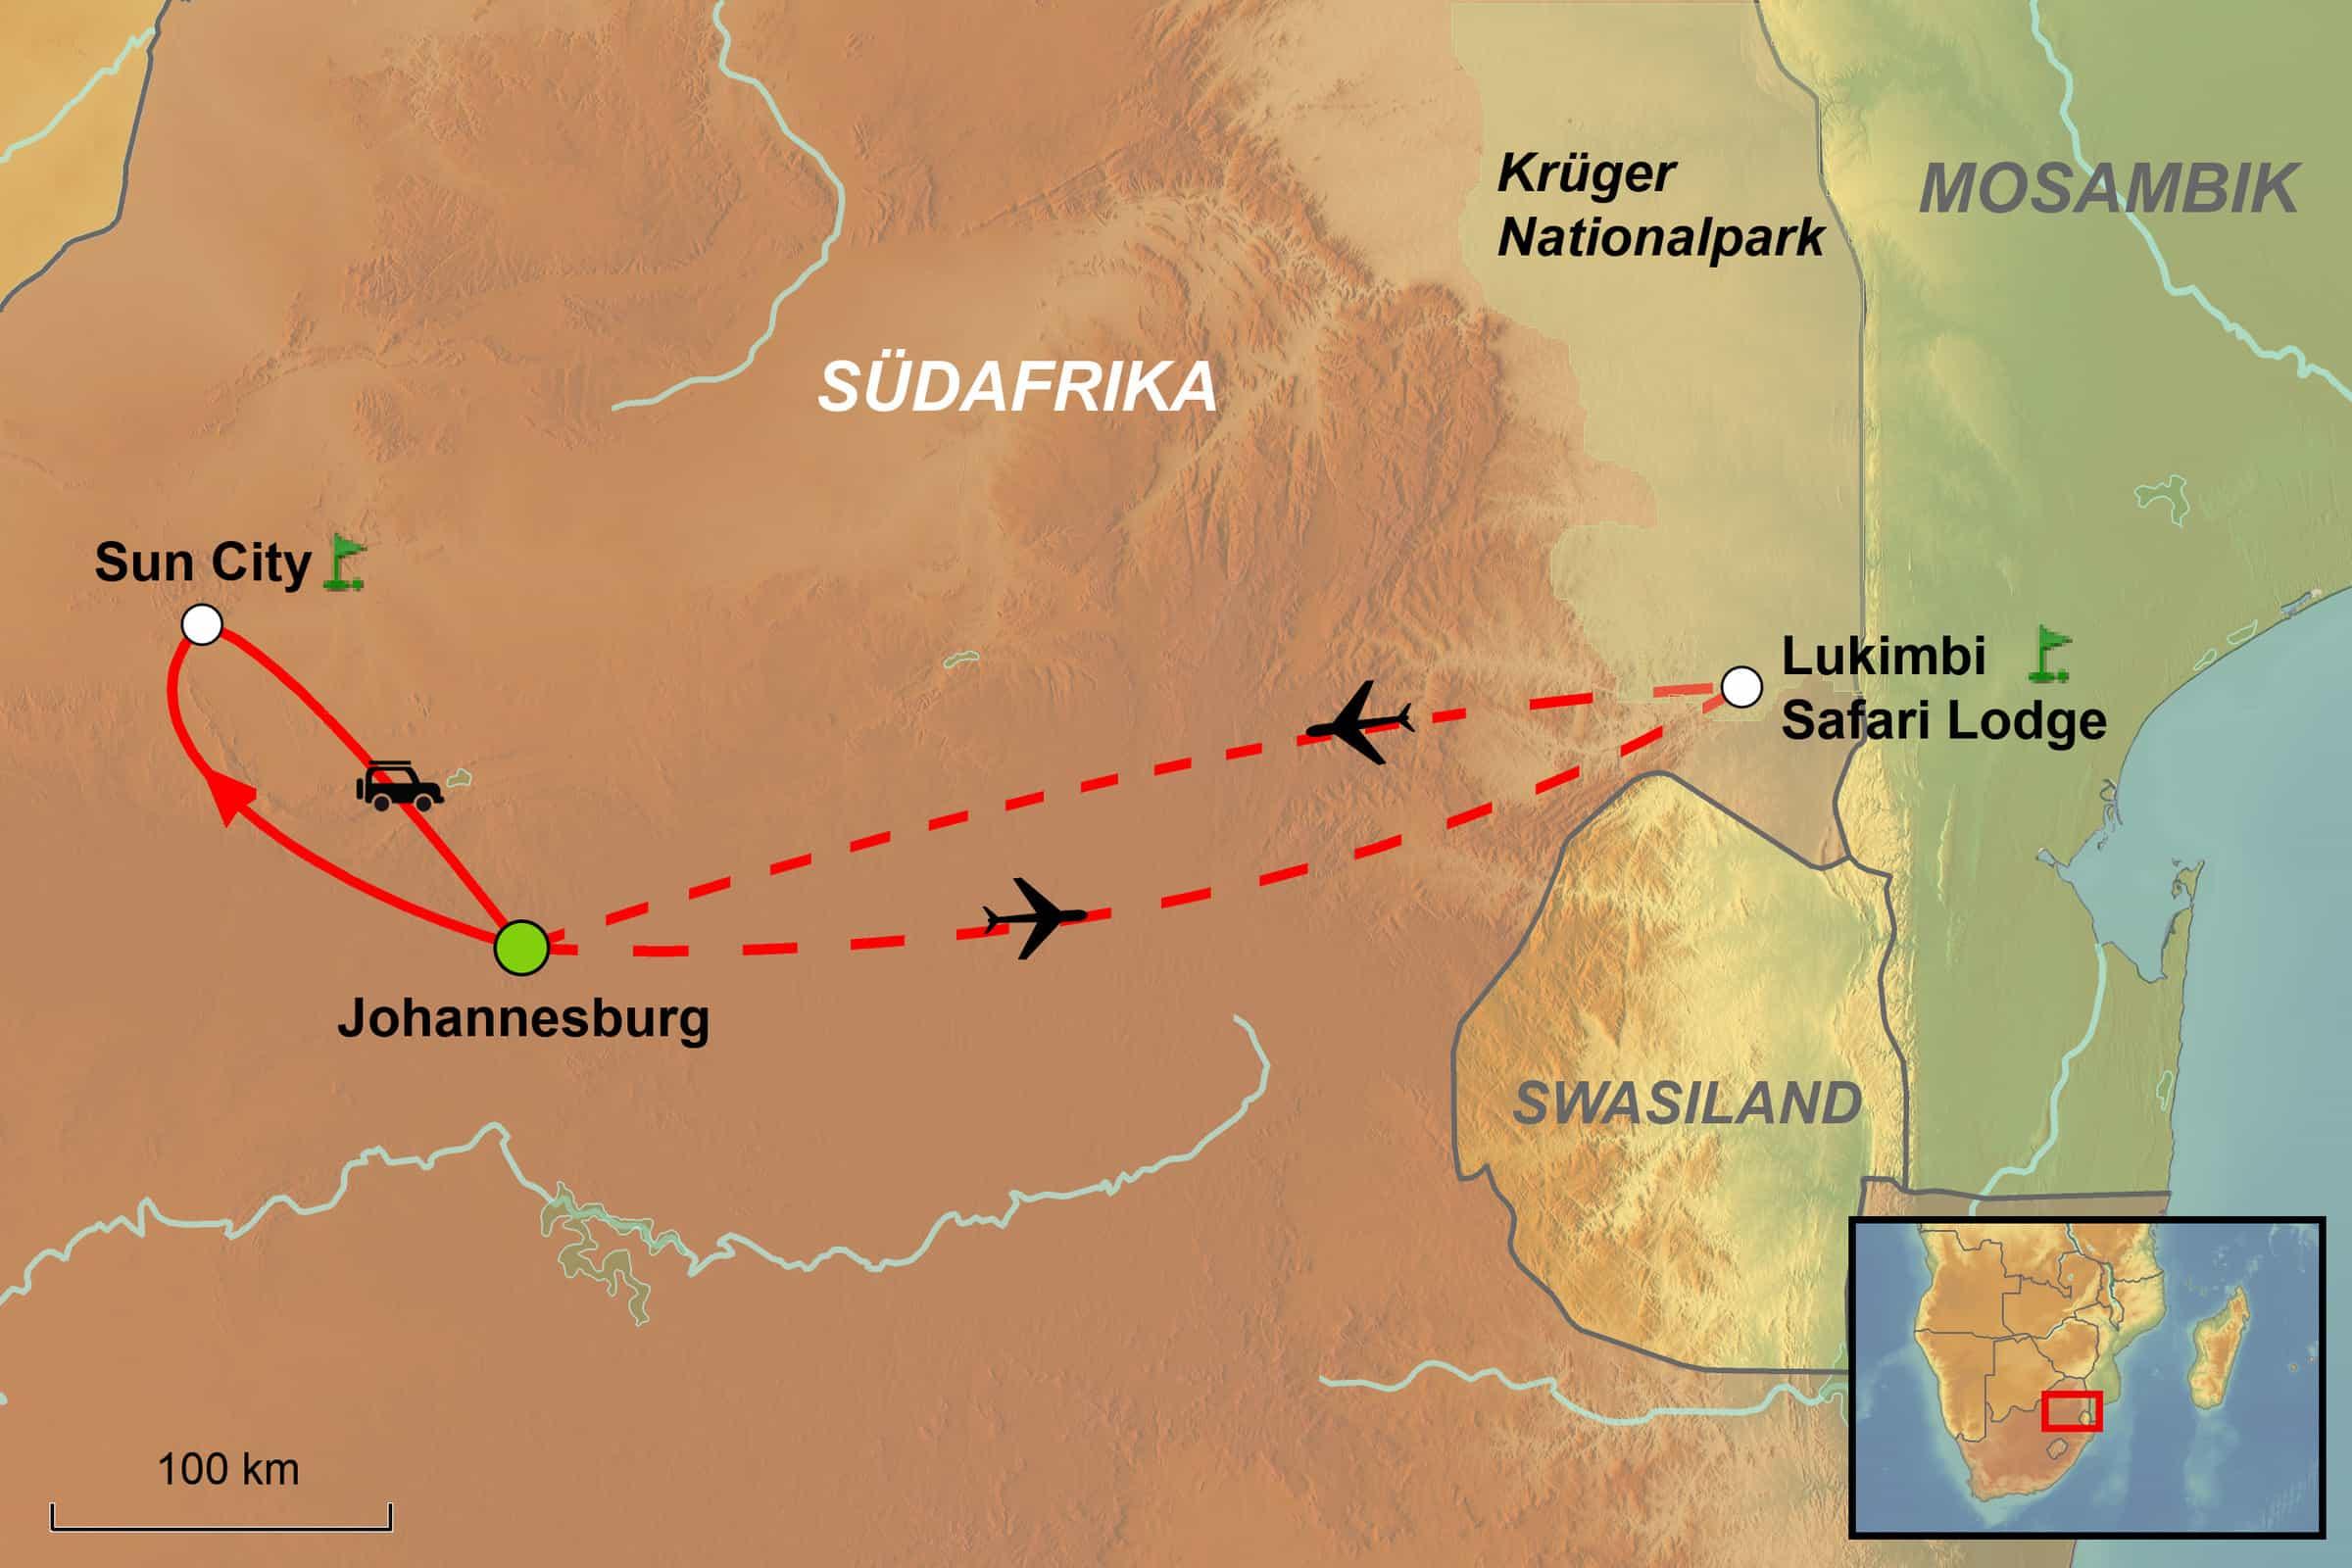 Südafrika Karte Pdf.Golf Rundreise Südafrika Sun City Krüger National Park Green Golf